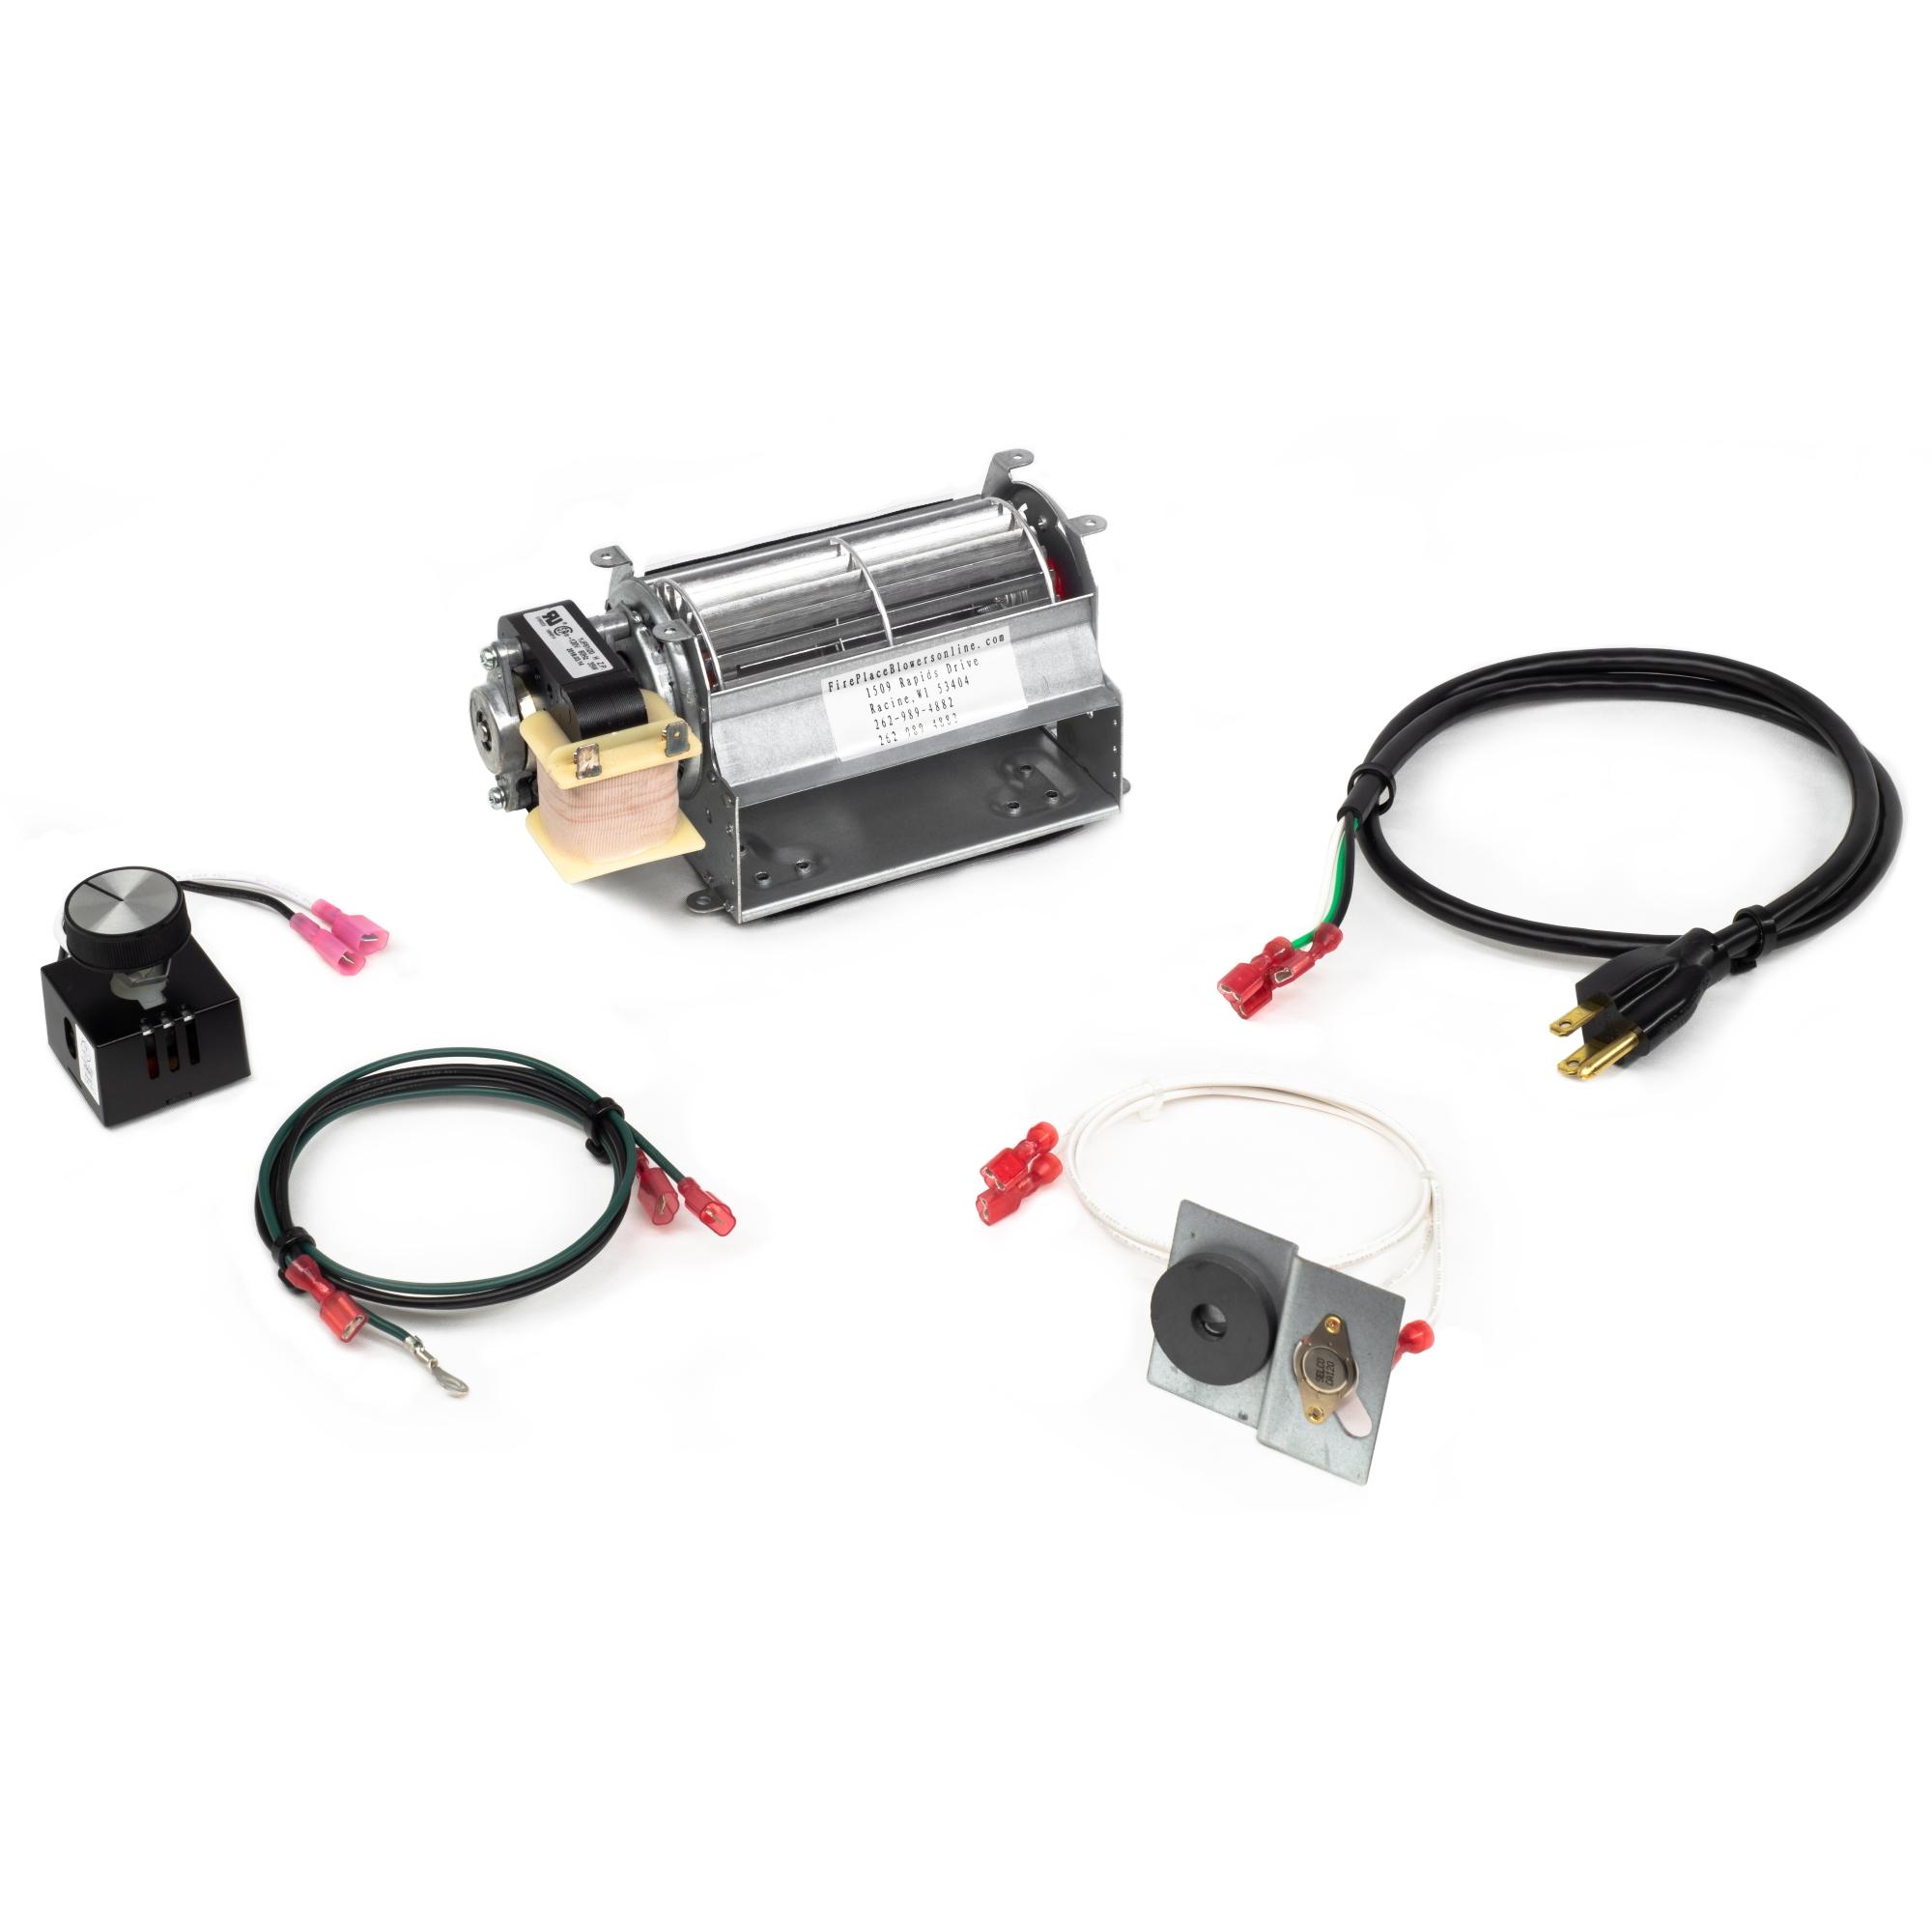 GFK21A Fireplace Blower Fan Kit for Heatilator Fireplaces